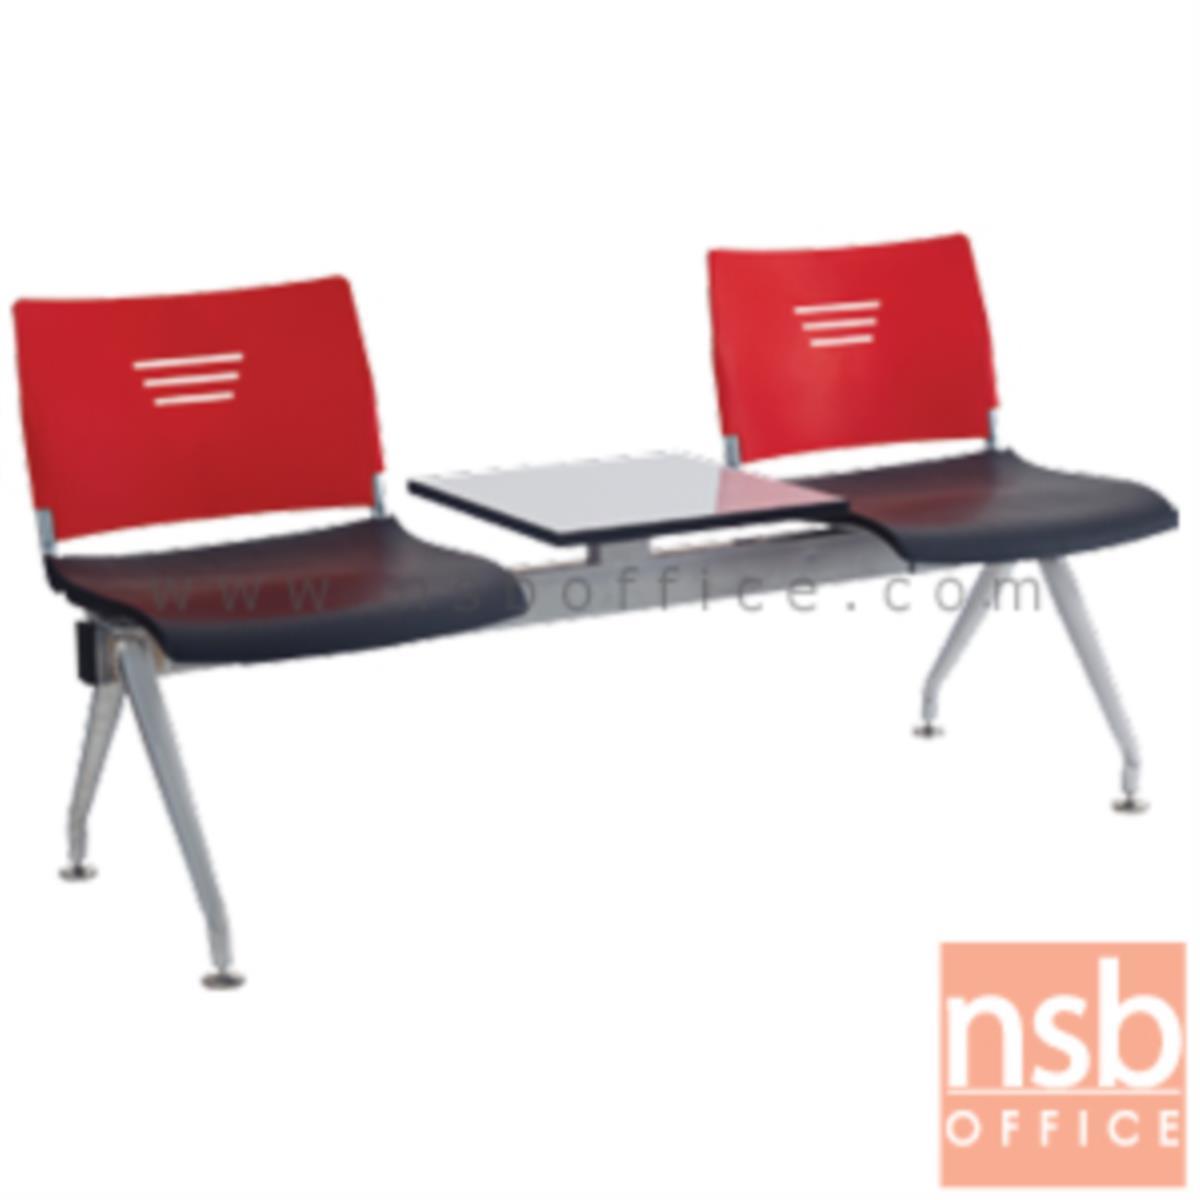 B06A113:เก้าอี้นั่งคอยเฟรมโพลี่ รุ่น Ringmaster (ริงมาสเตอร์) 2 ,3 ที่นั่ง ขนาด 140W ,195W cm. พร้อมที่วางของ ขาเหล็ก